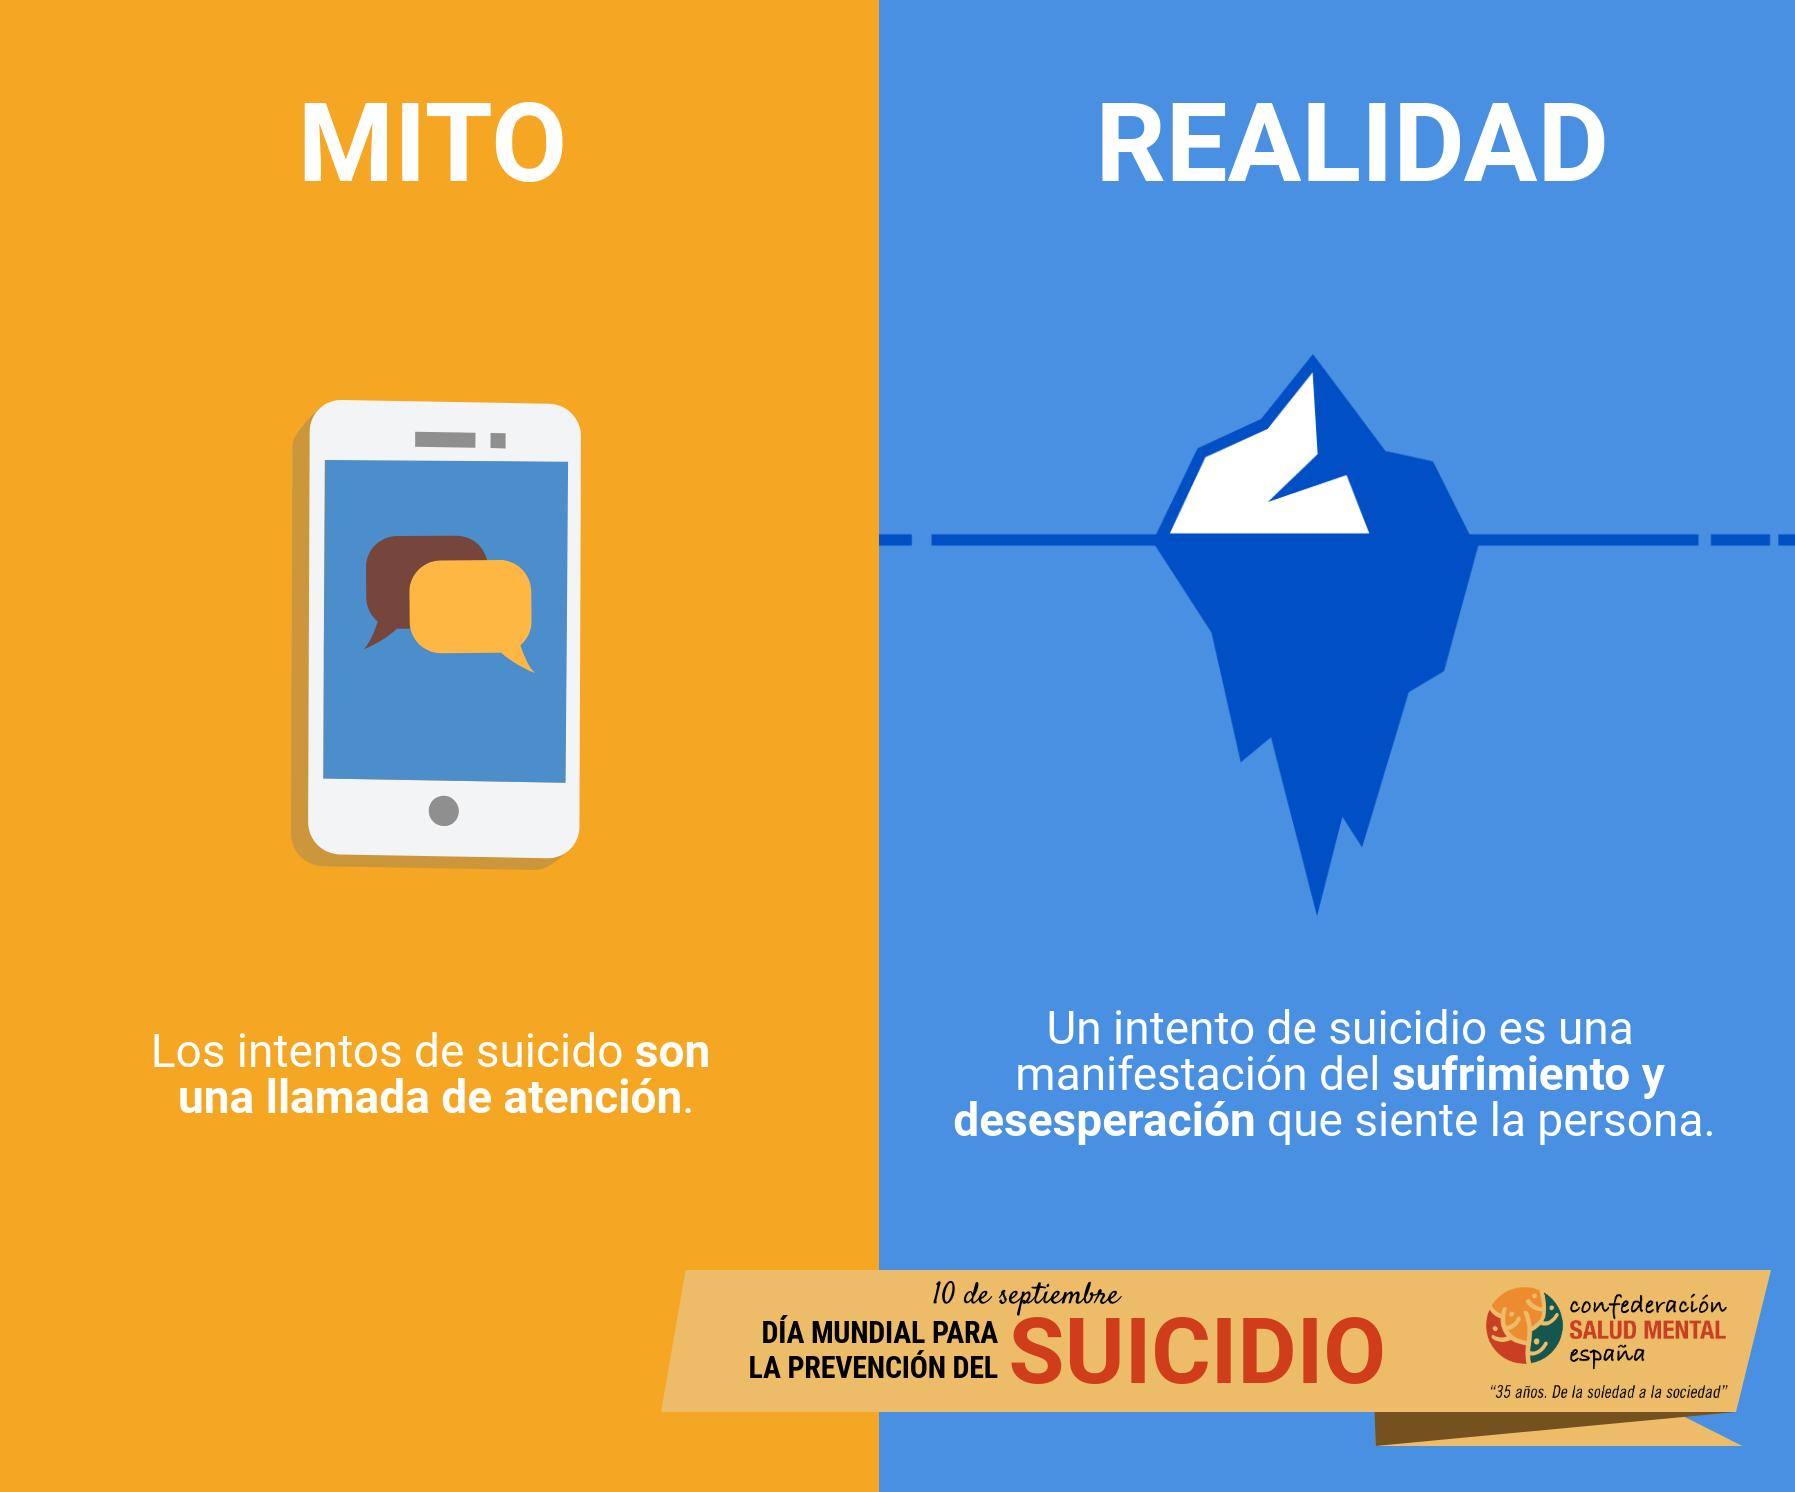 Suicidio - Mito vs realidad (1)